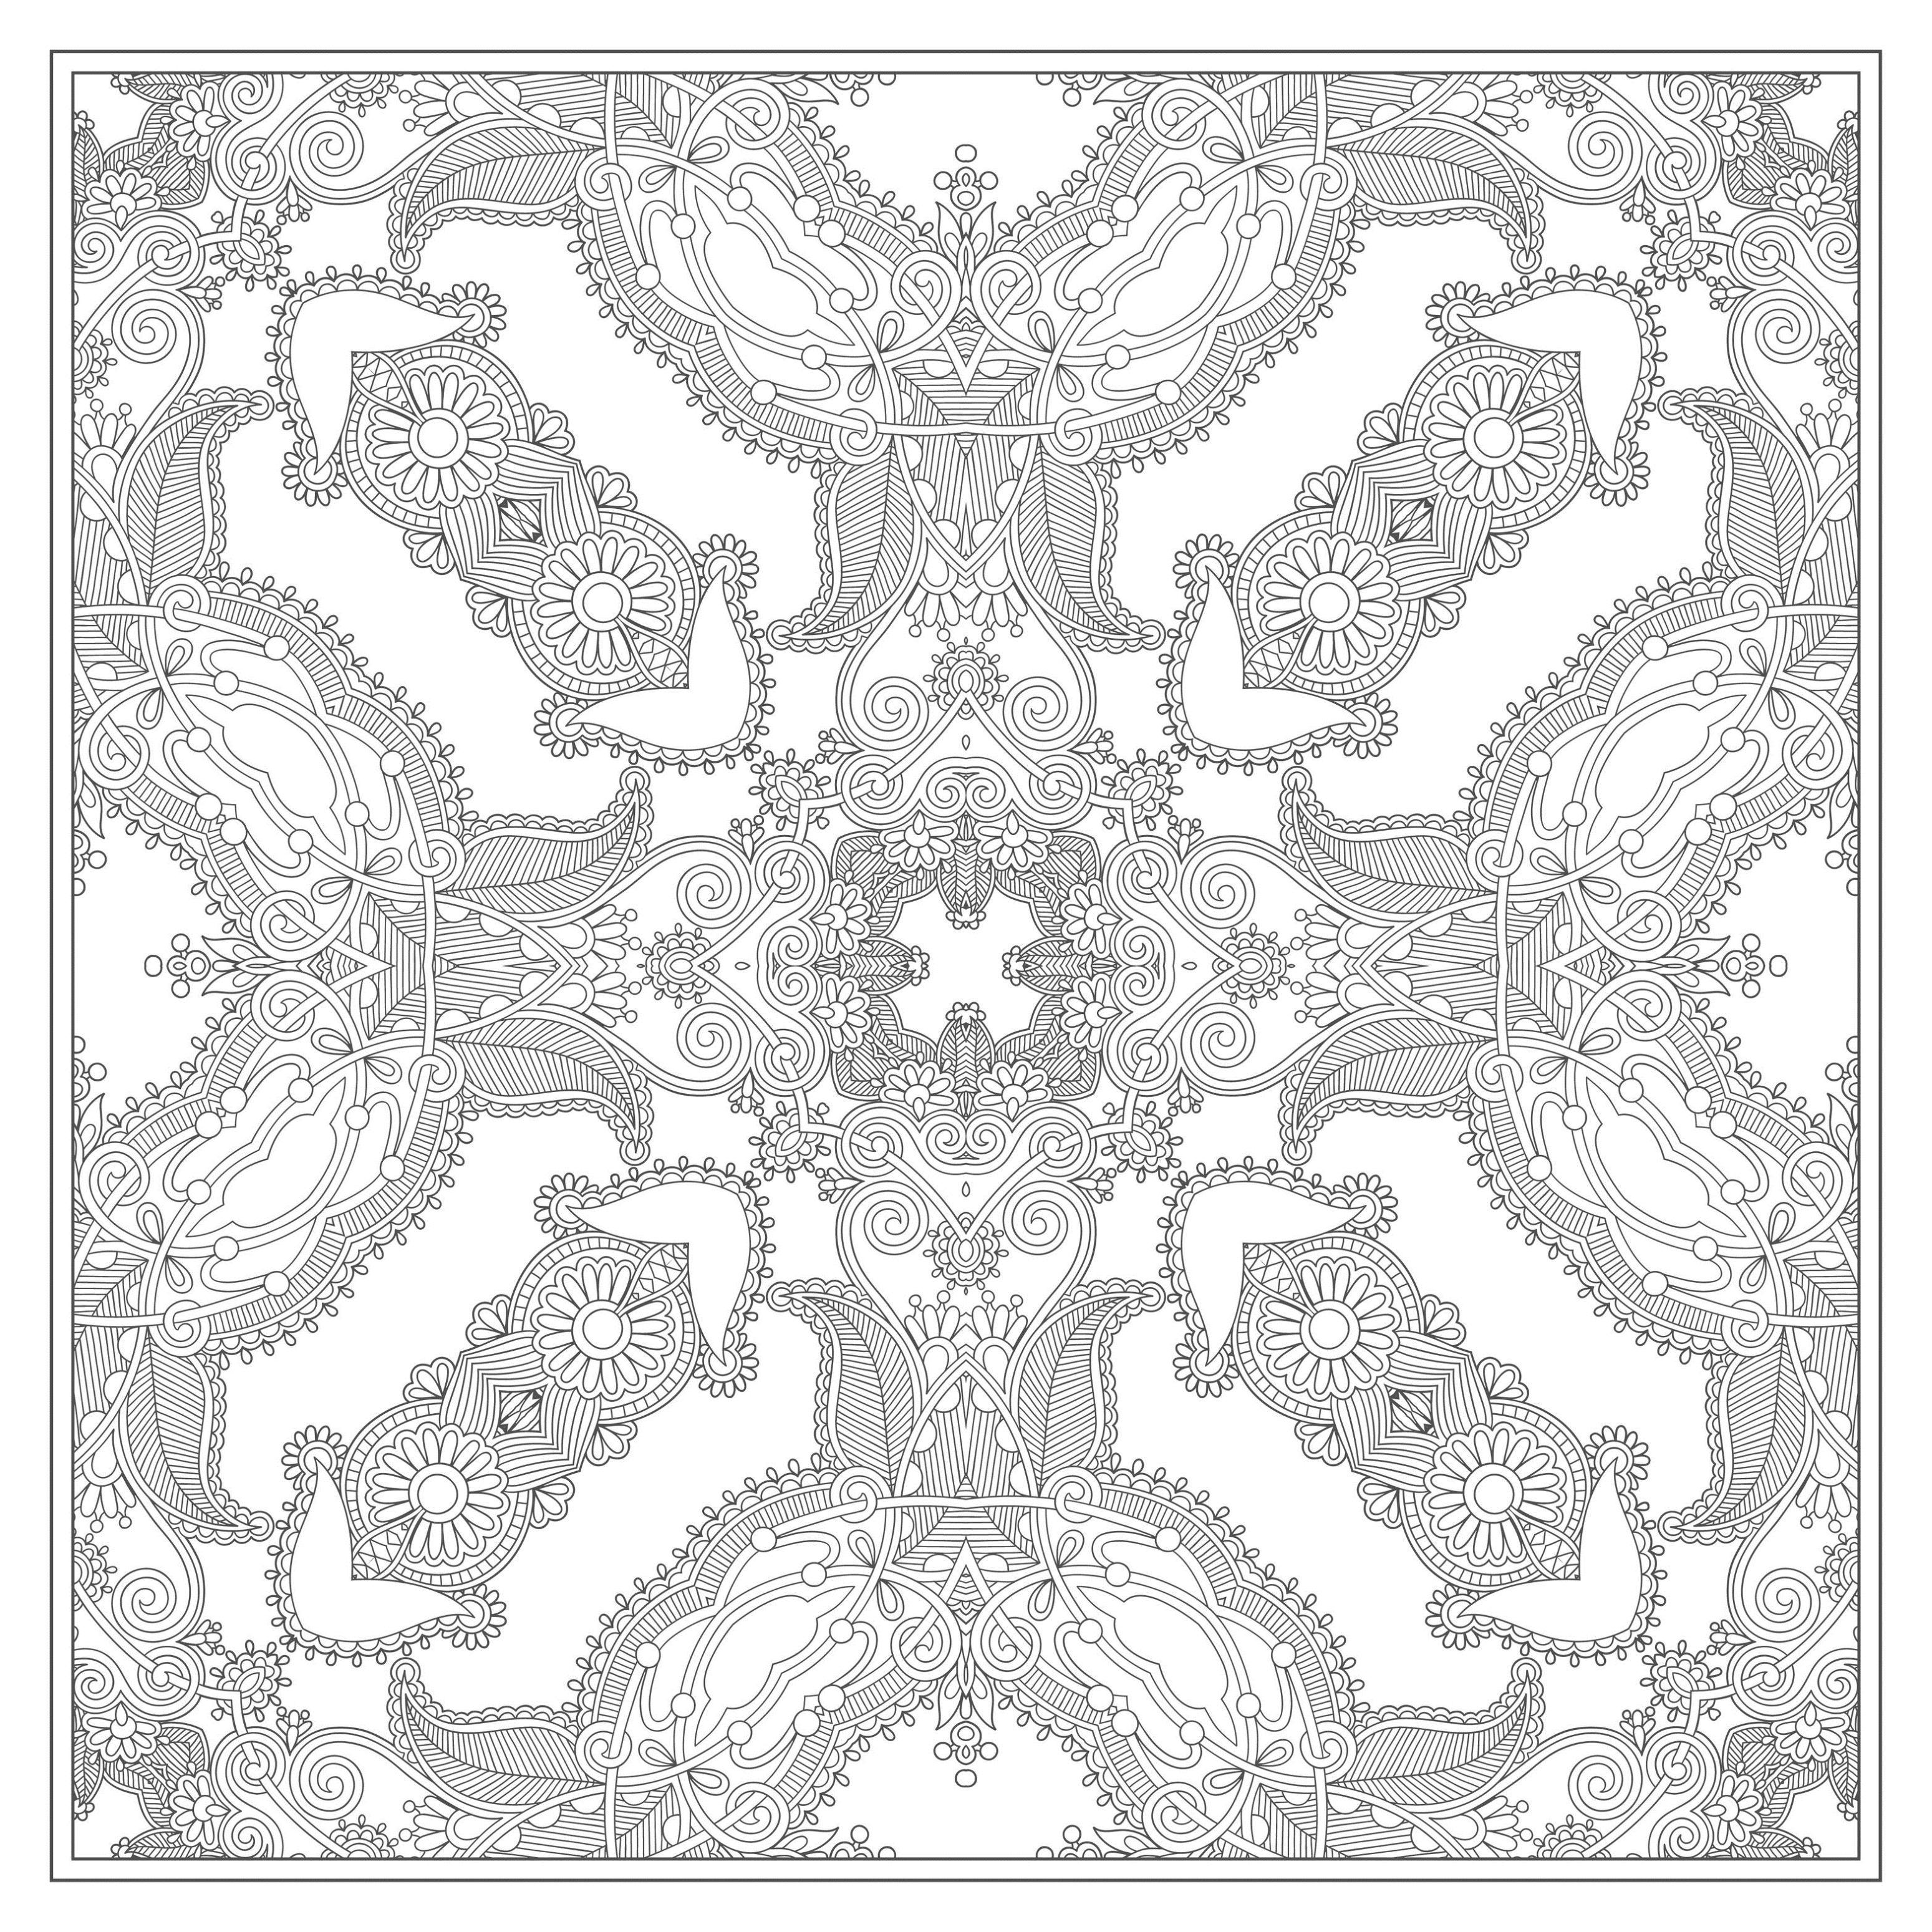 A 100% Zen square Mandala by Lesya Kara-Kotsya